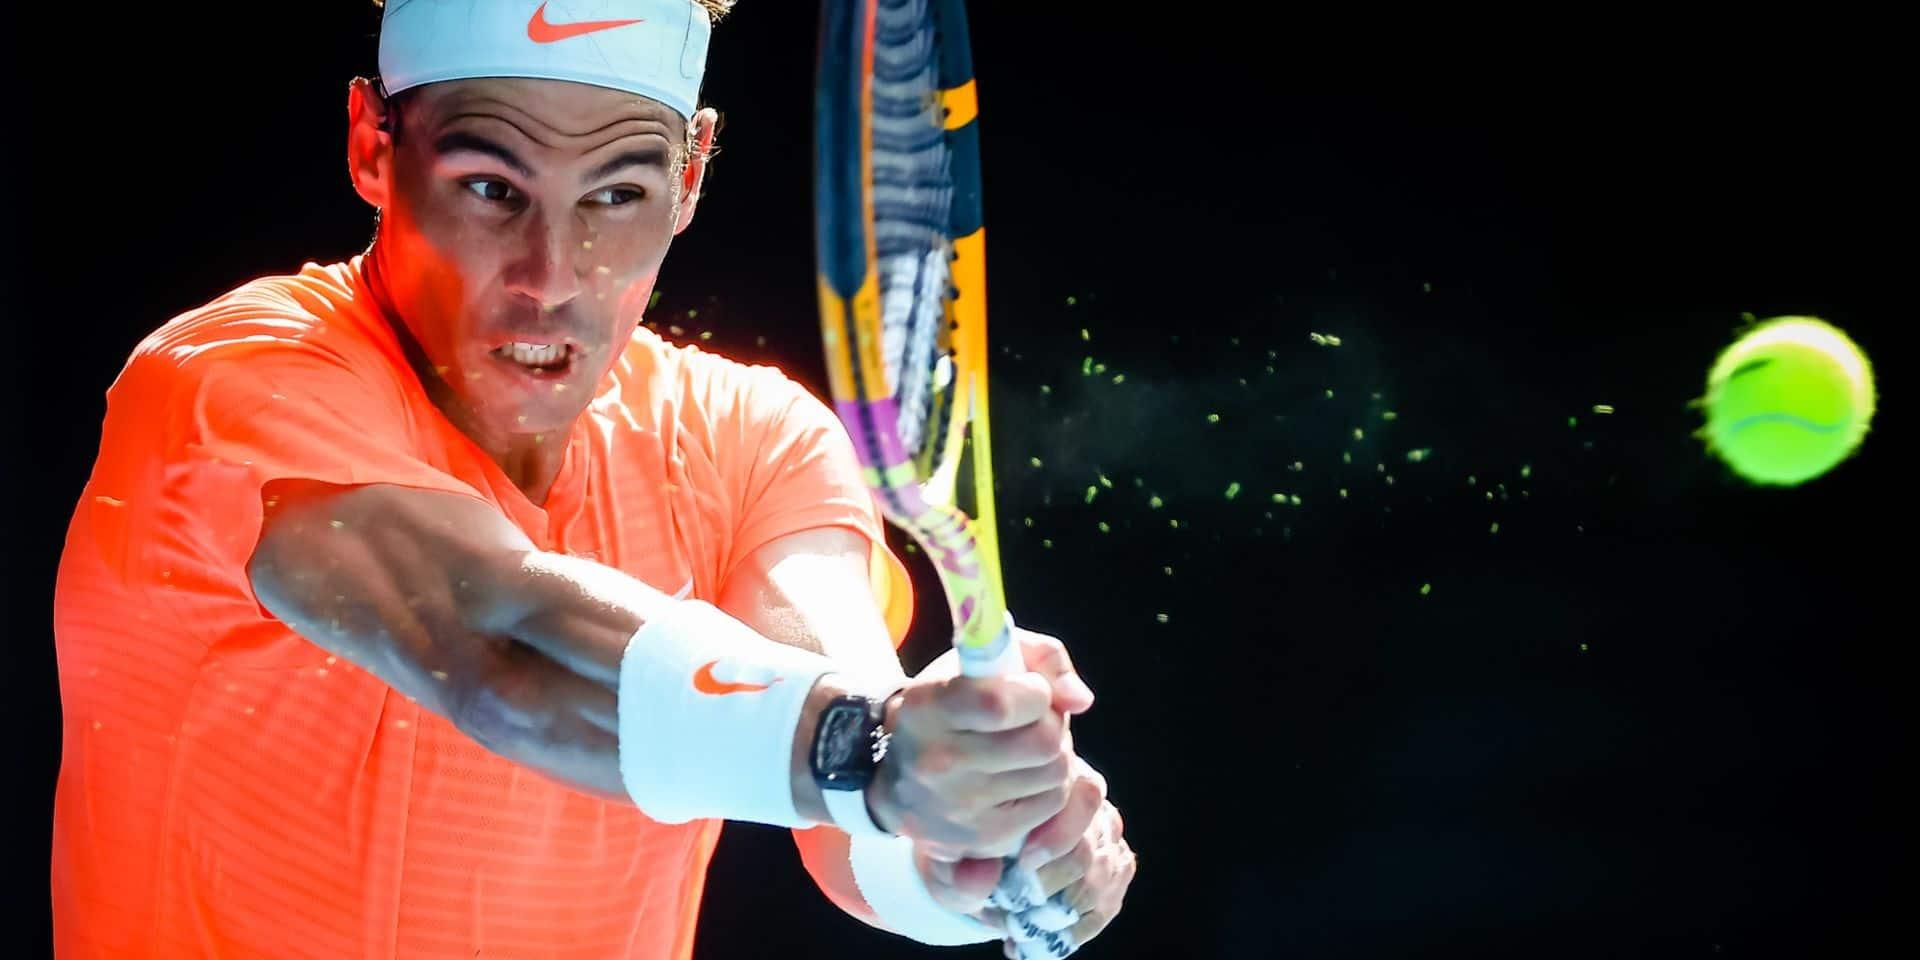 """Rafael Nadal confiant pour son retour sur terre battue: """"Si je me sens bien physiquement, j'ai des chances de jouer à un haut niveau"""""""